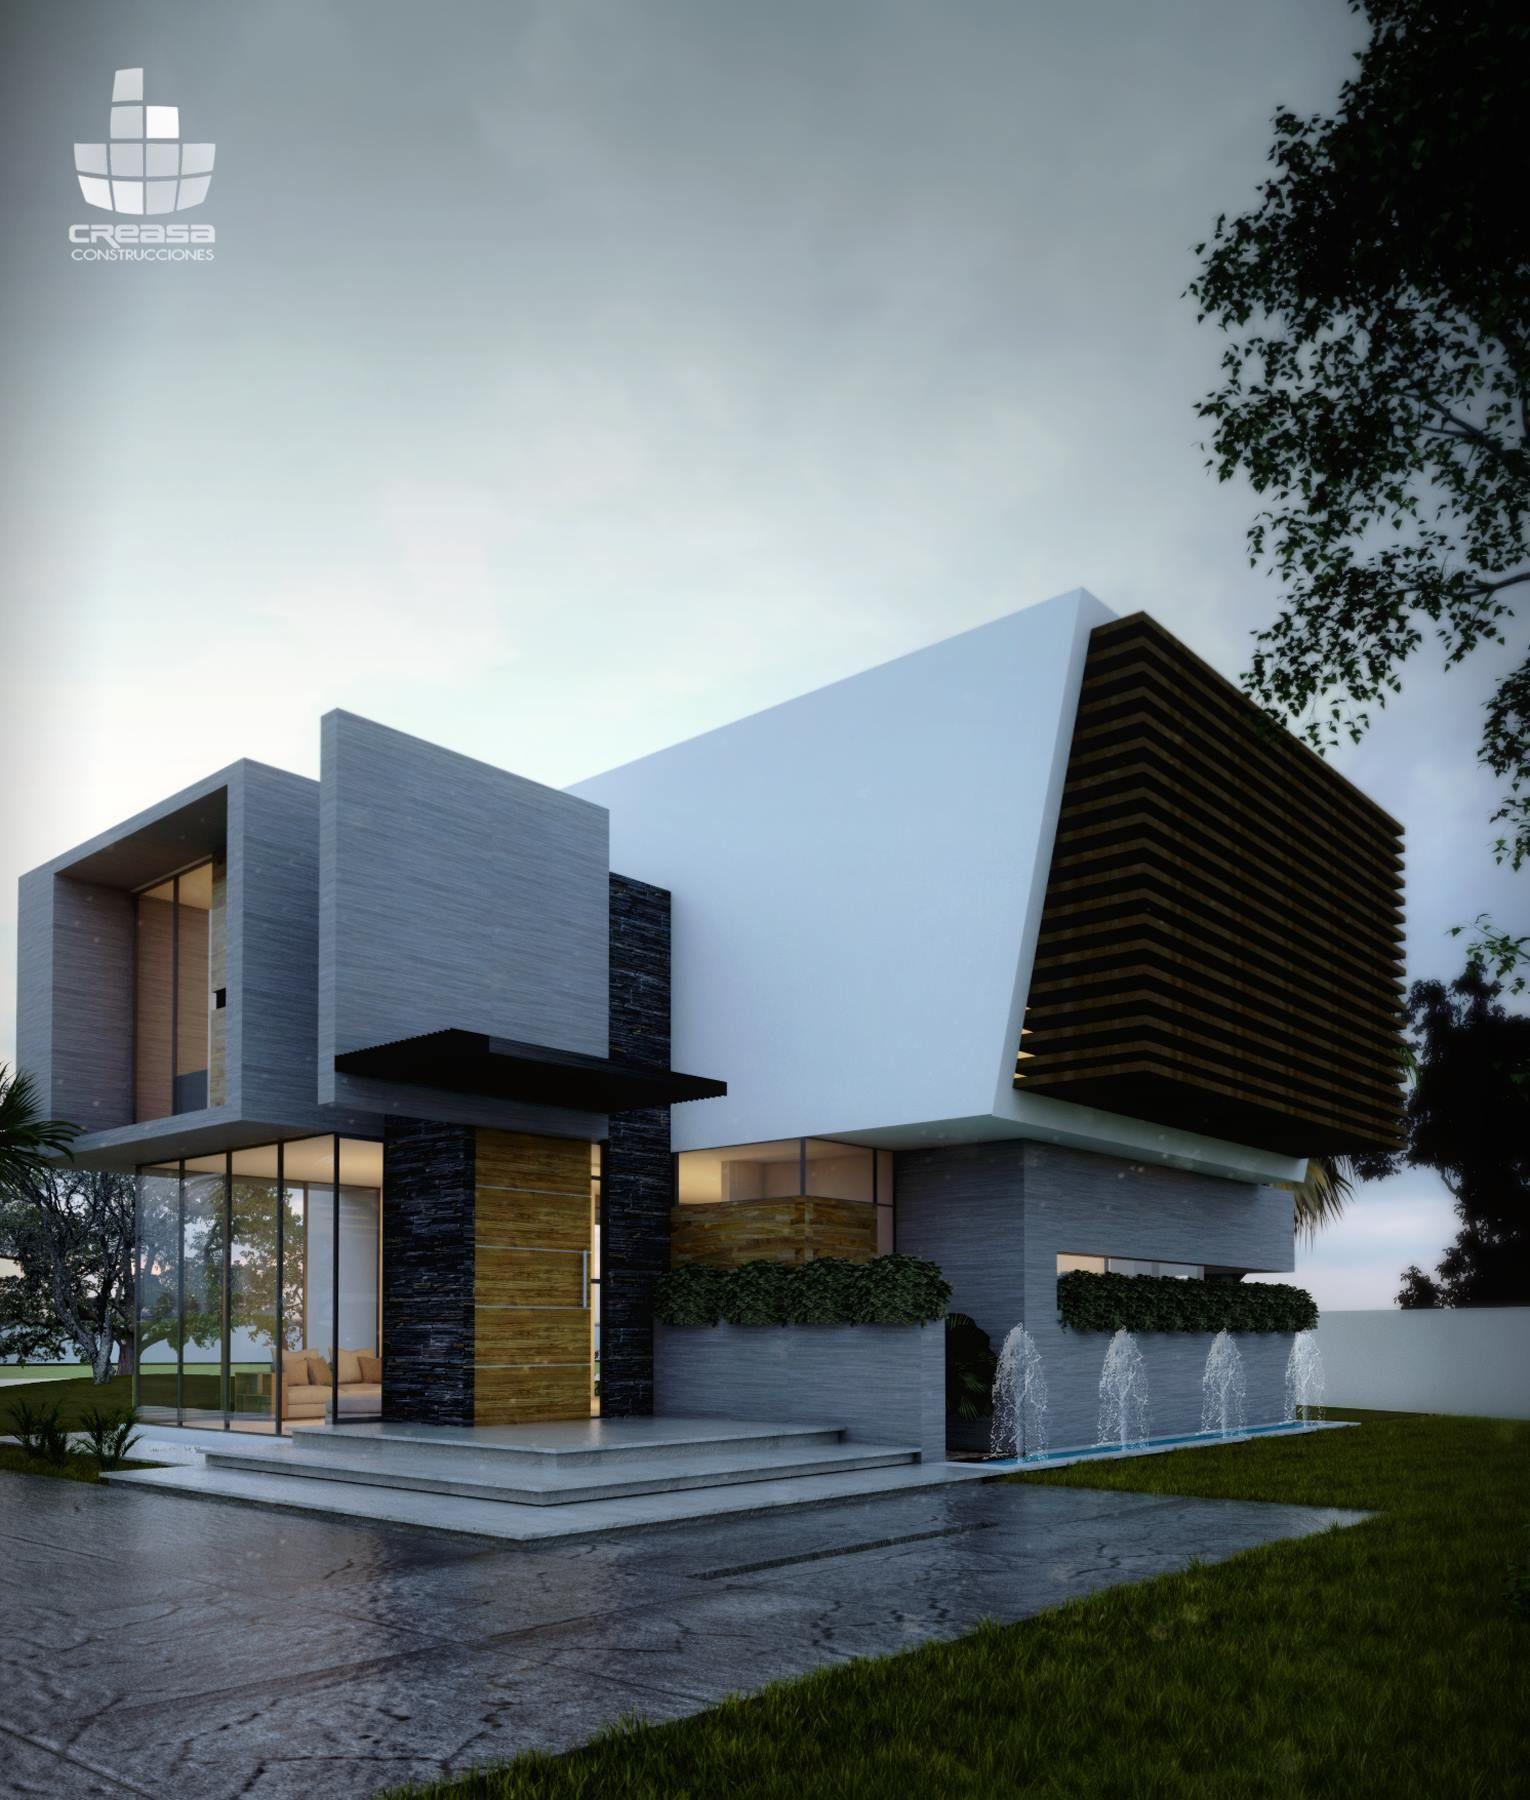 Creasa z creasa mx pinterest arquitectura for Construcciones minimalistas